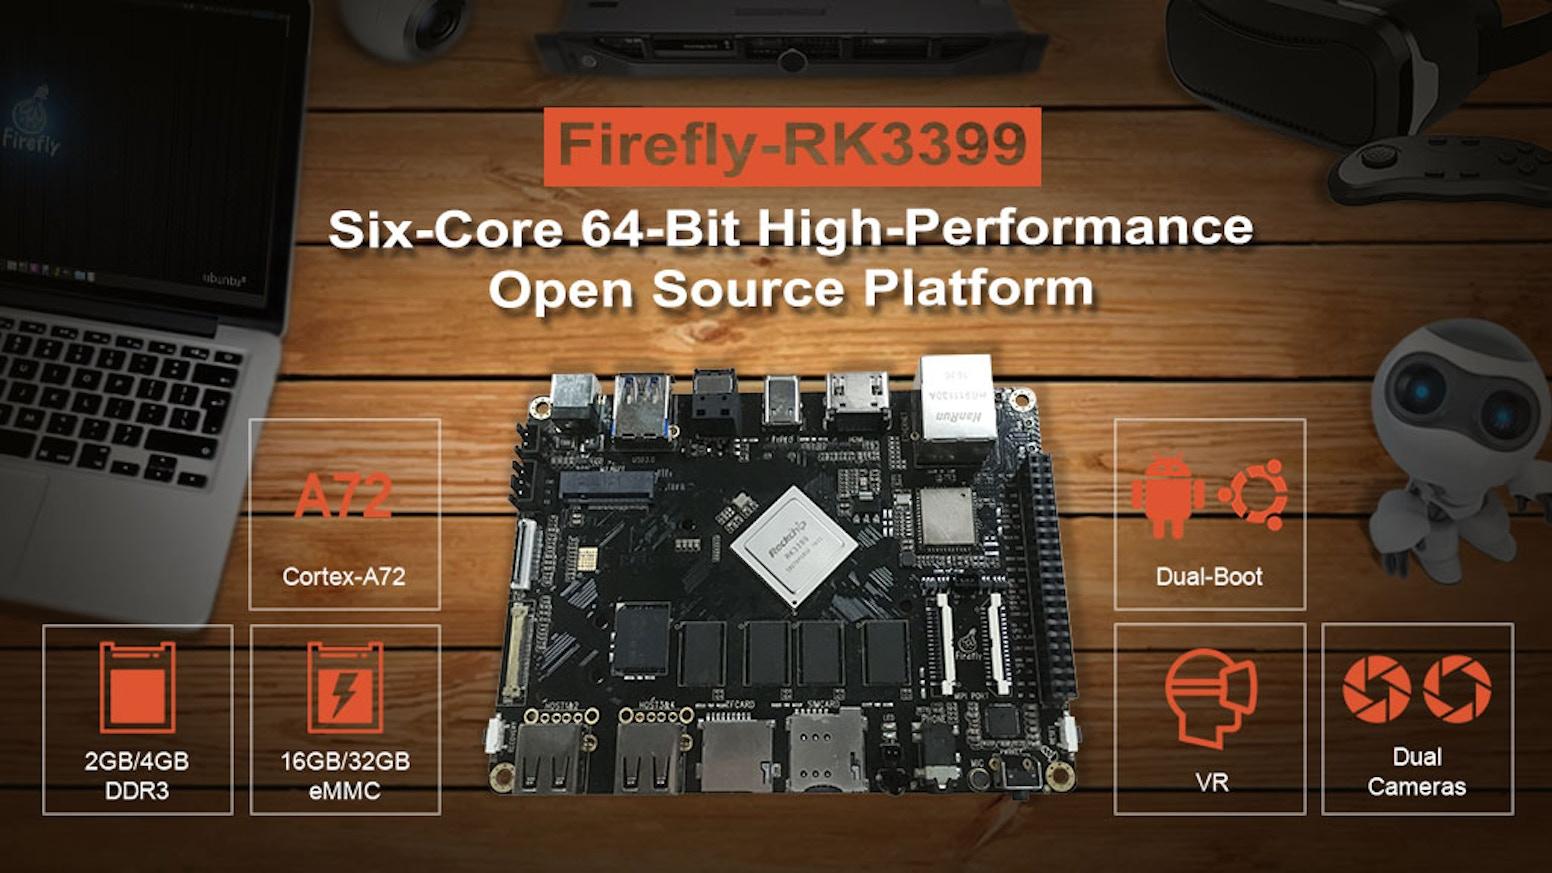 With dual-core Cortex-A72 and quad-core Cortex-A53, ARM® Mali-T860 MP4 quad-core graphics processor, supports dual cameras